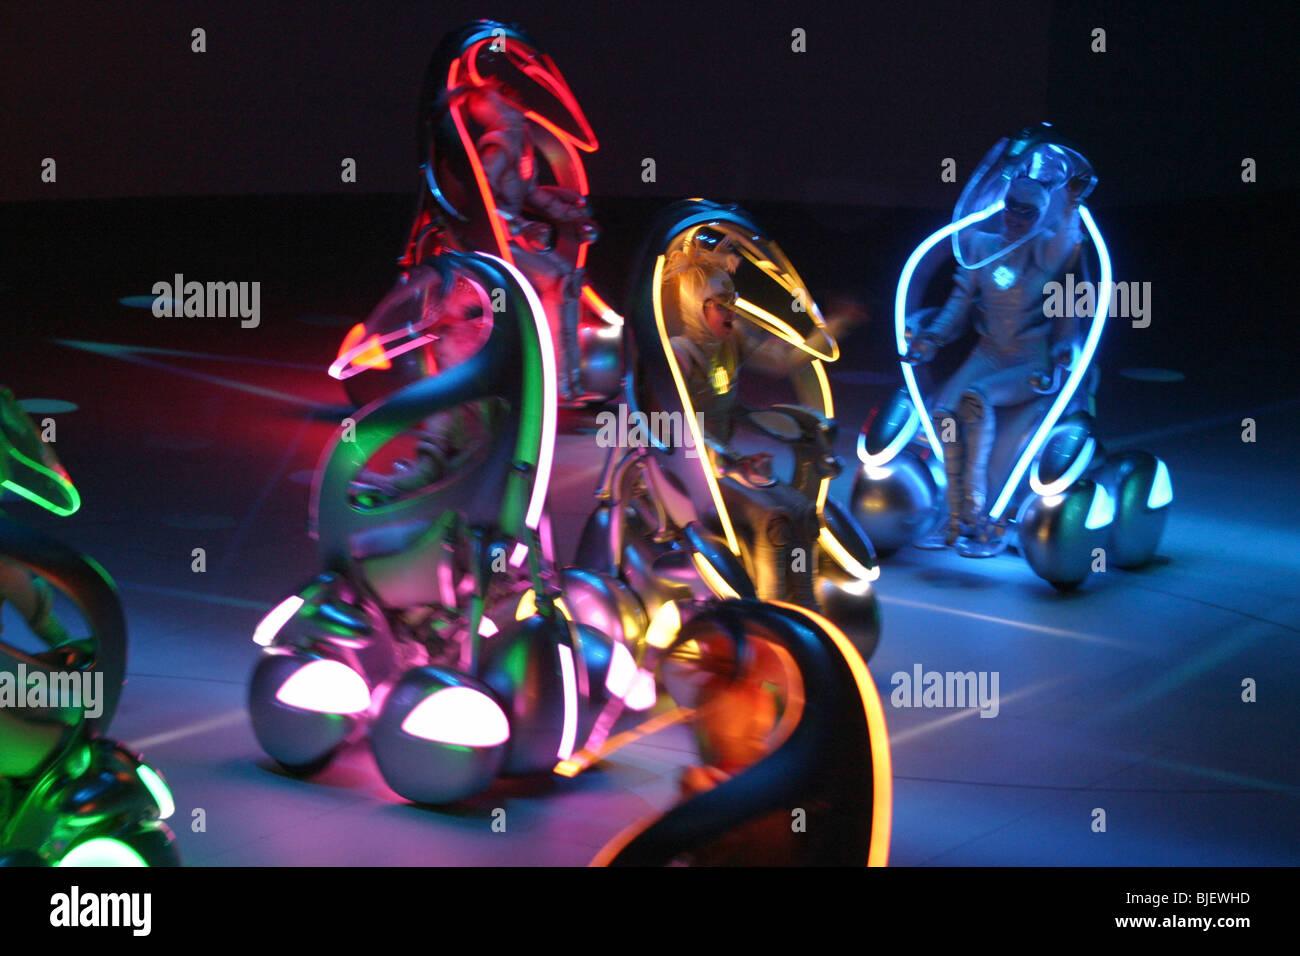 Toyota i-unit' 'véhicules concept et danseurs effectuer dans un spectacle au pavillon de Toyota, de Photo Stock